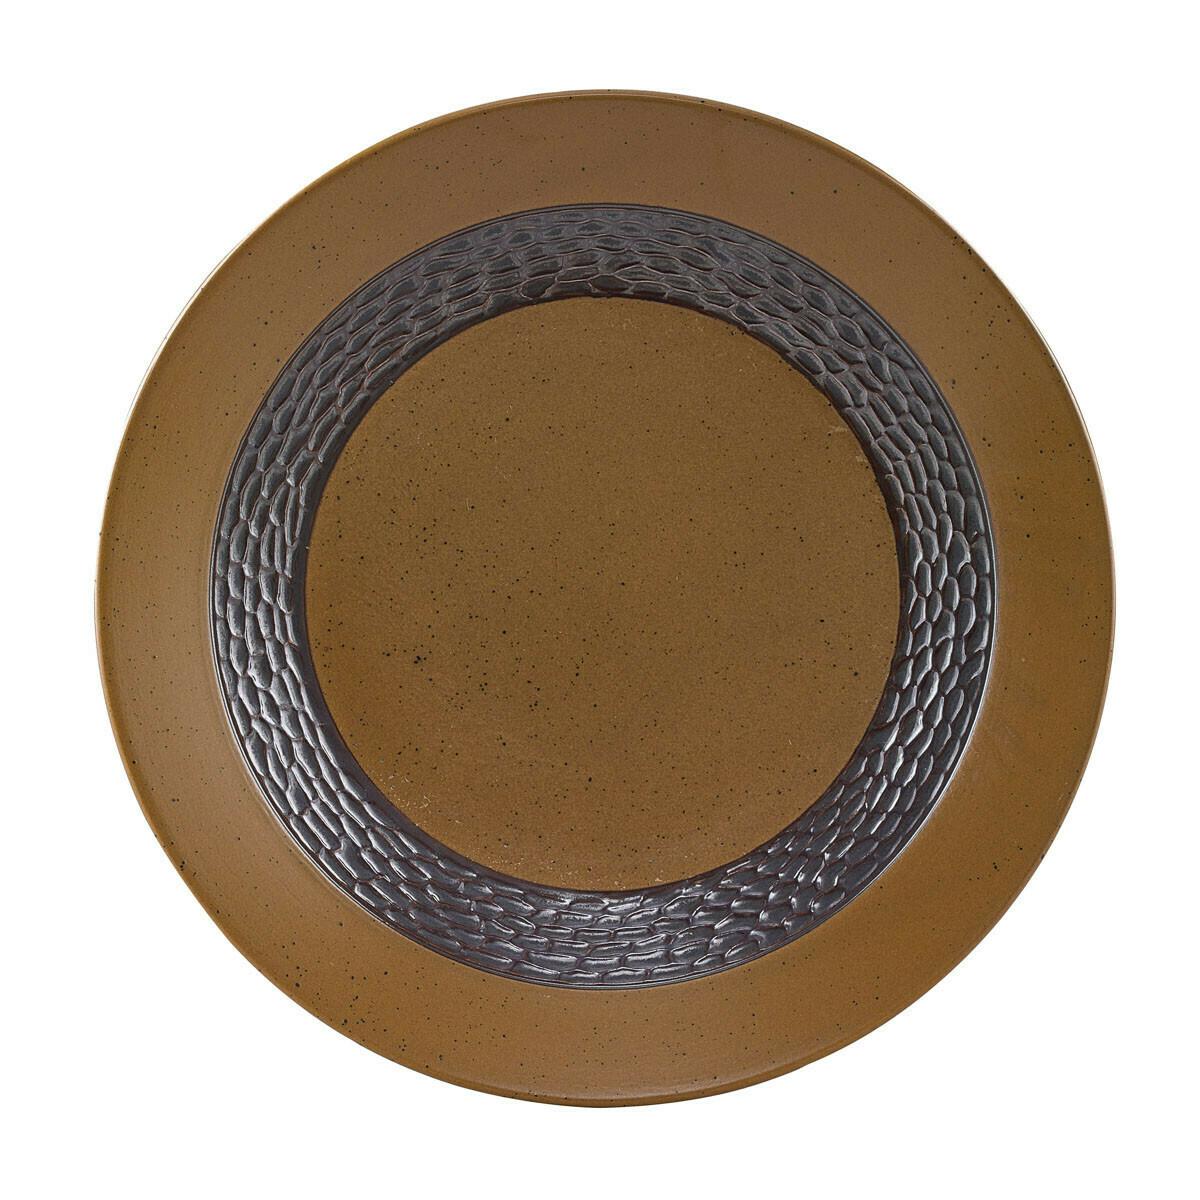 Sawmill Dinner Plate